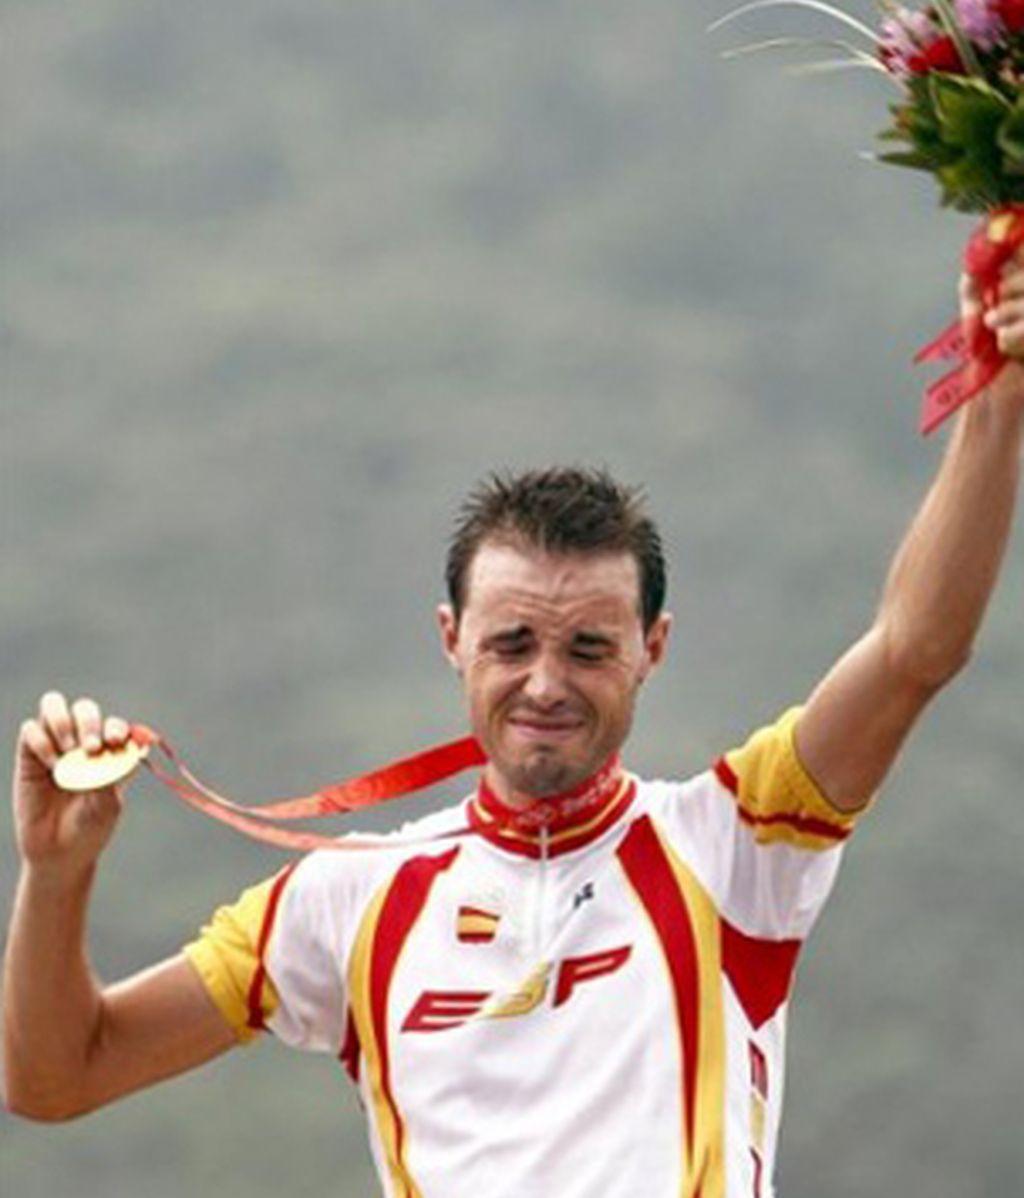 Samuel Sánchez, campeón olímpico de fondo